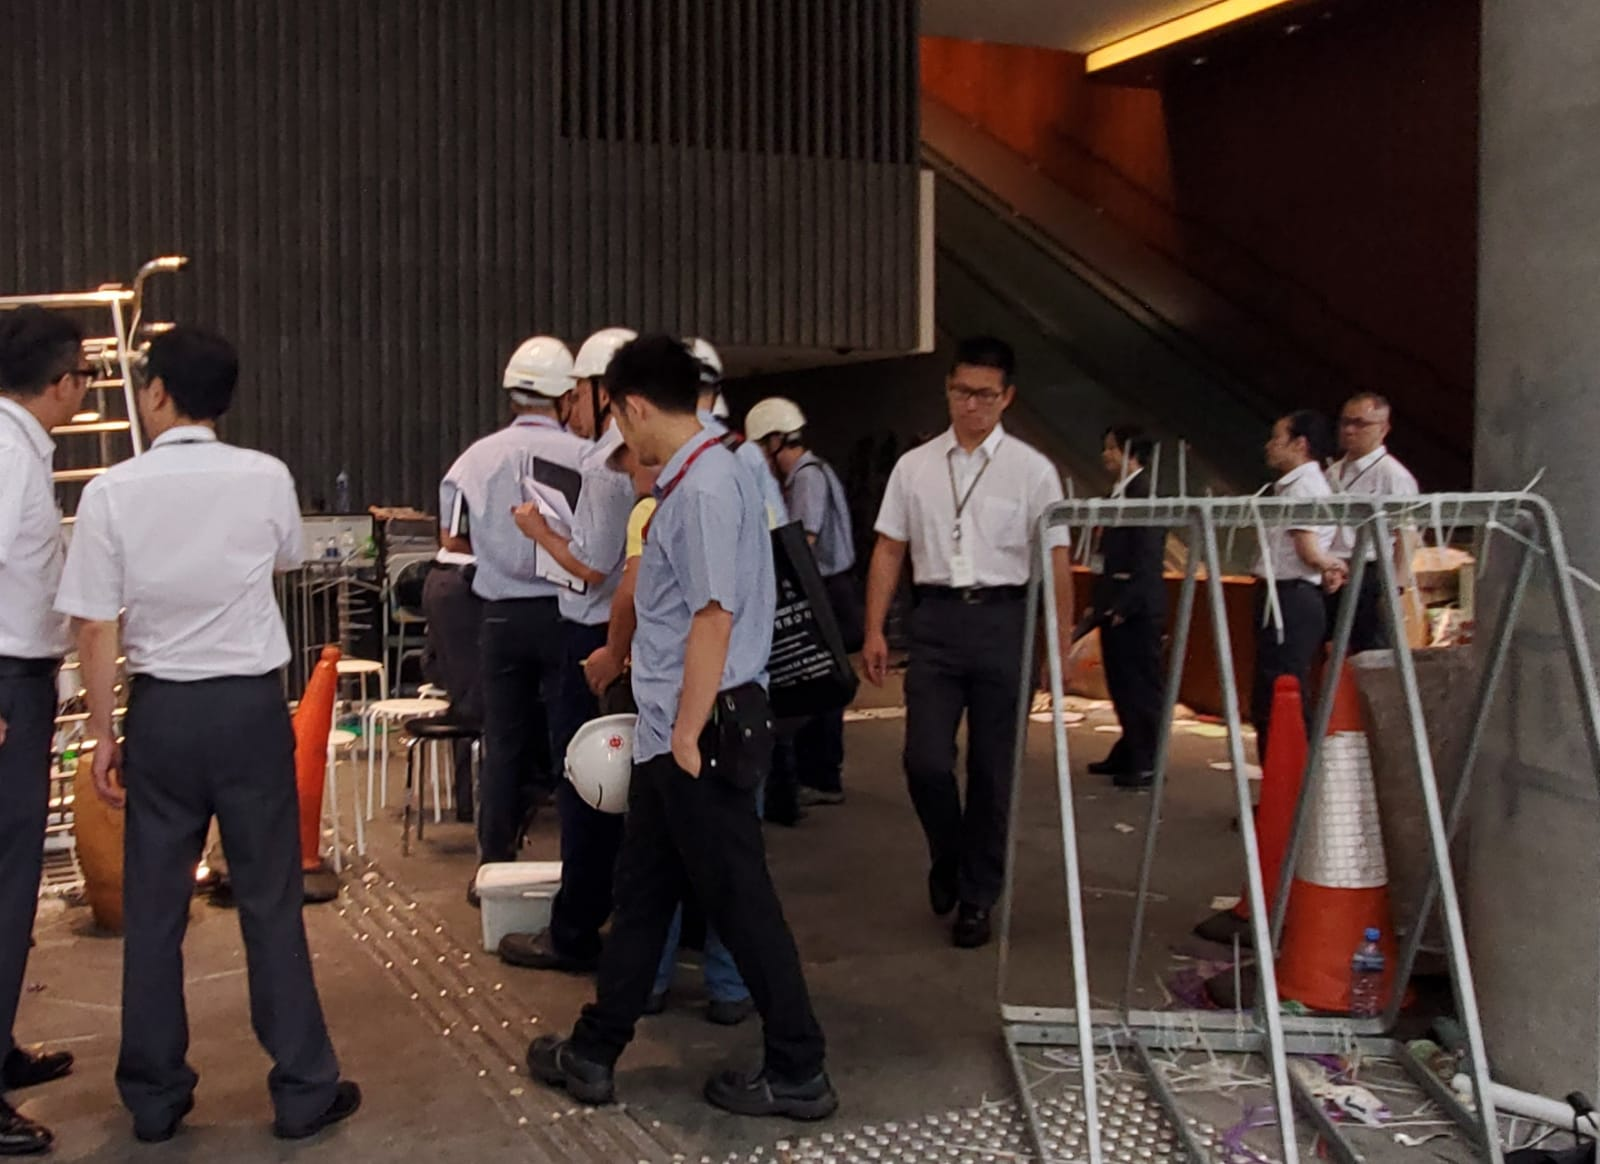 【逃犯條例】港燈職員檢查立法會旁變壓站 確認運作正常